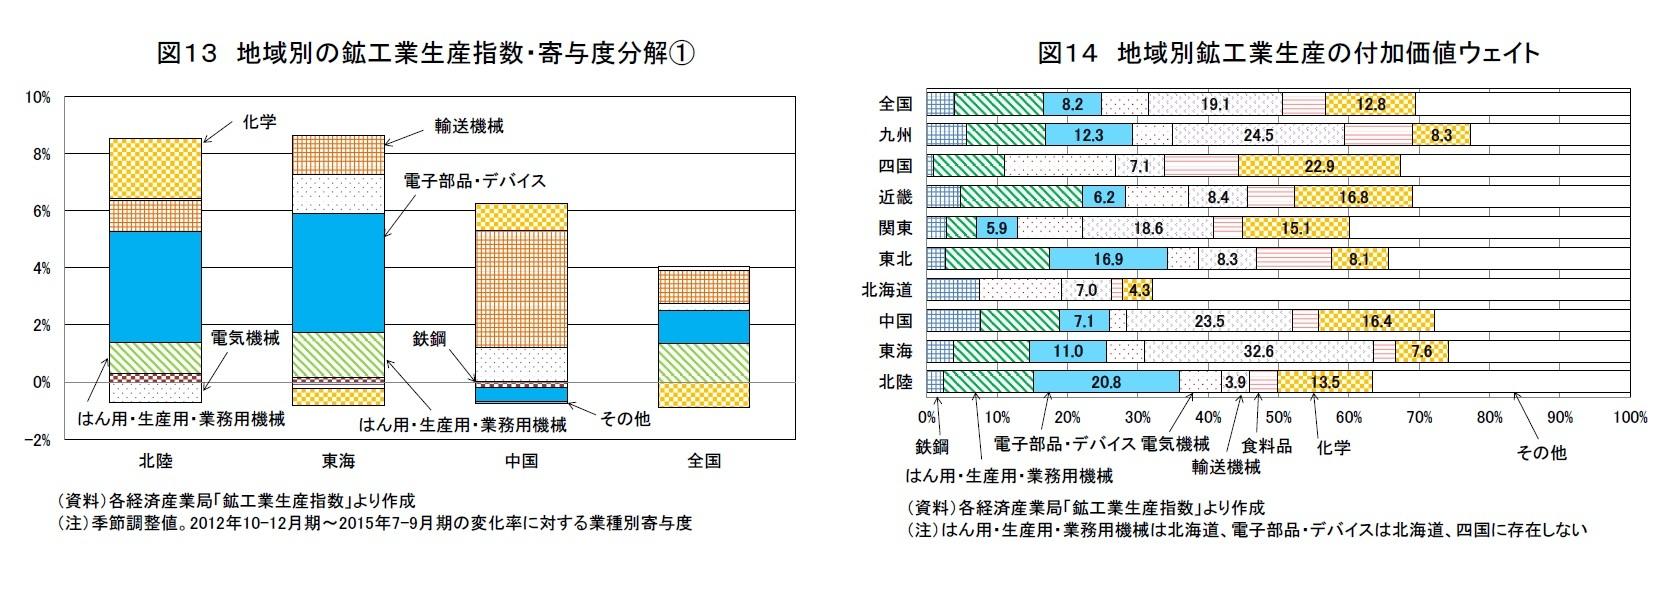 図13 地域別の鉱工業生産指数・寄与度分解(1)/図14 地域別鉱工業生産指数の付加価値ウェイト